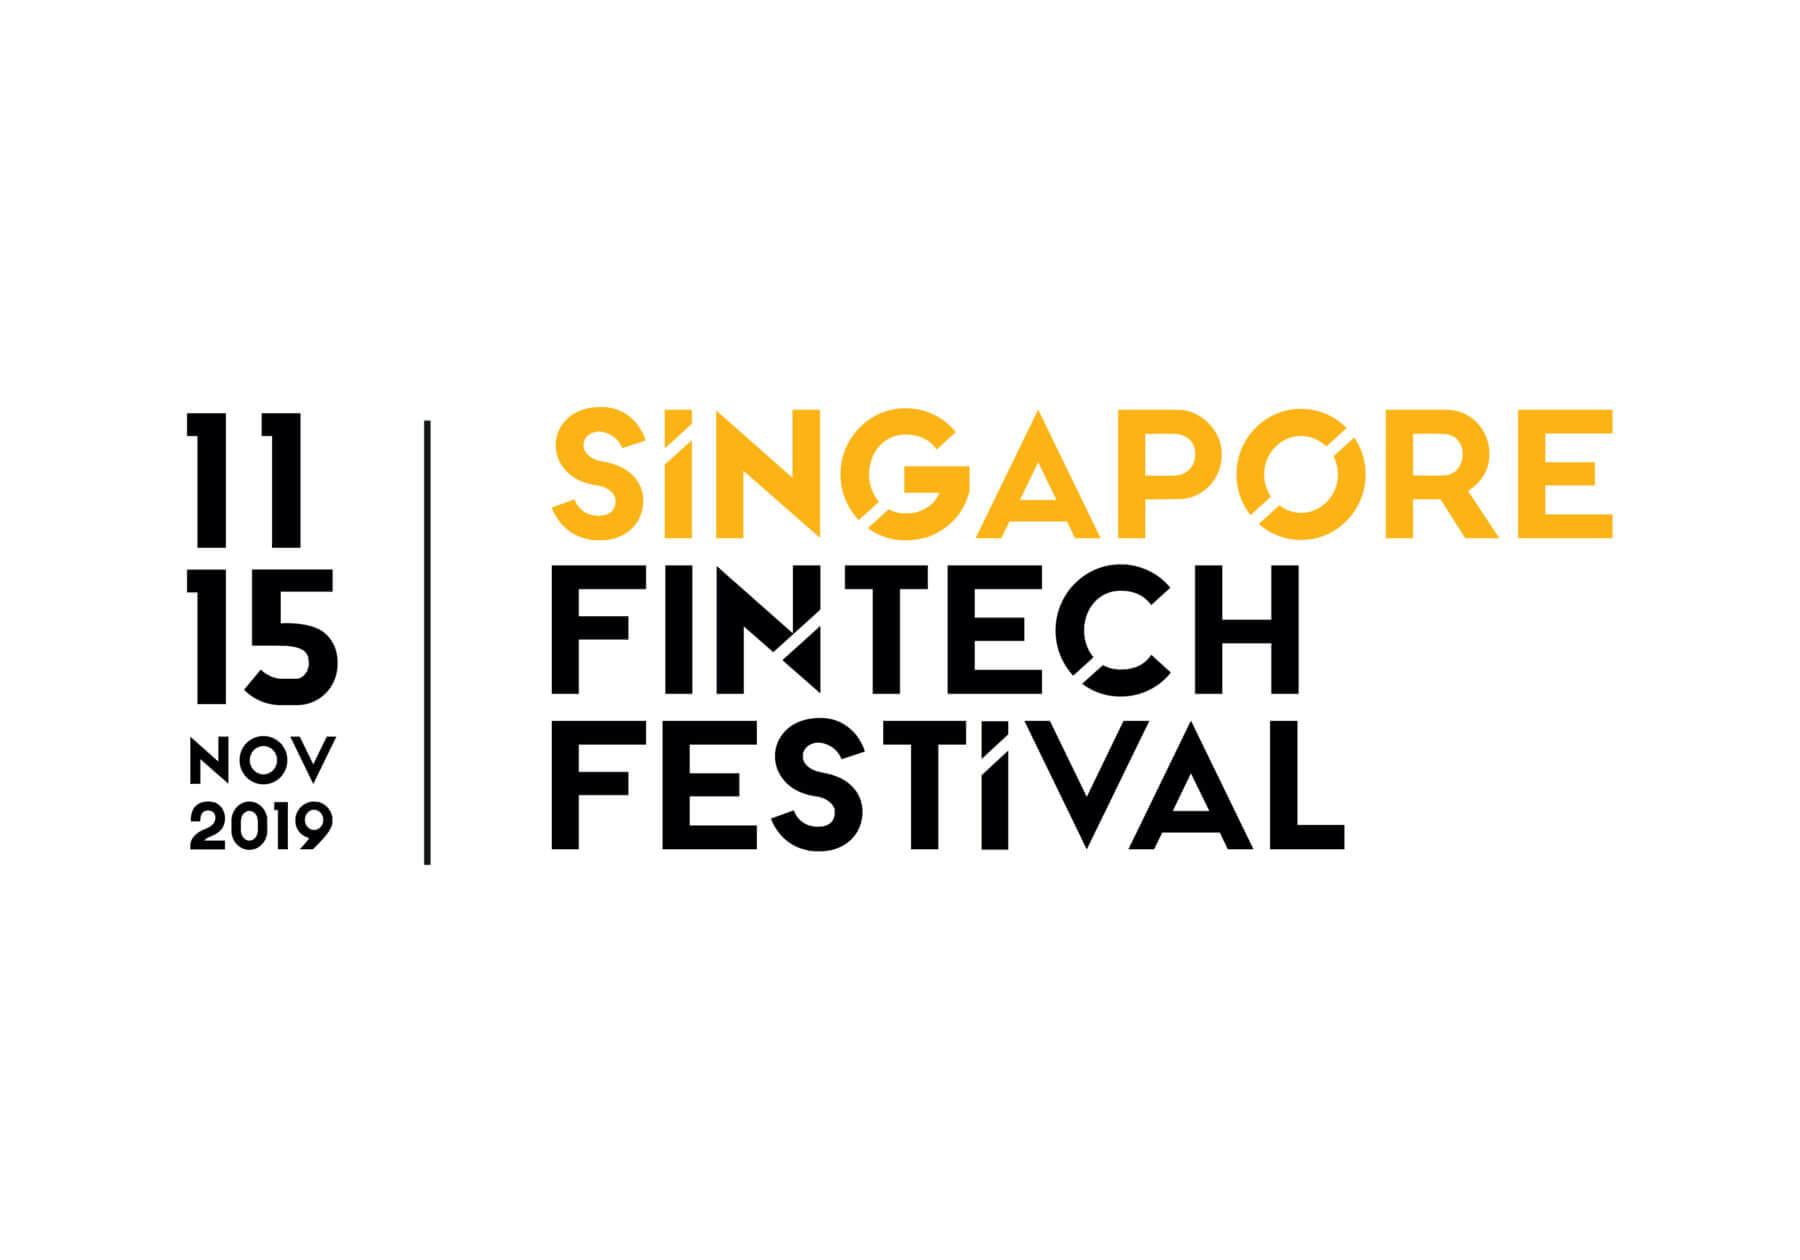 Singapore FinTech Week